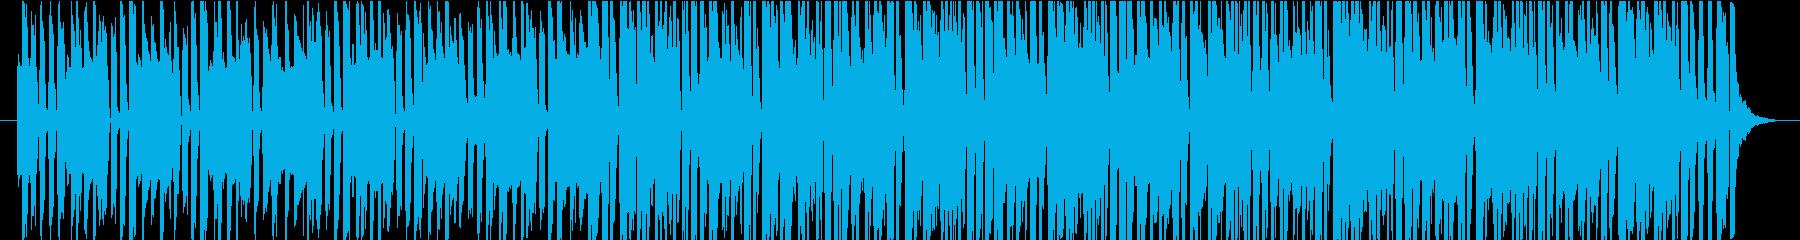 疾走感、サイバー感のあるテクノの再生済みの波形